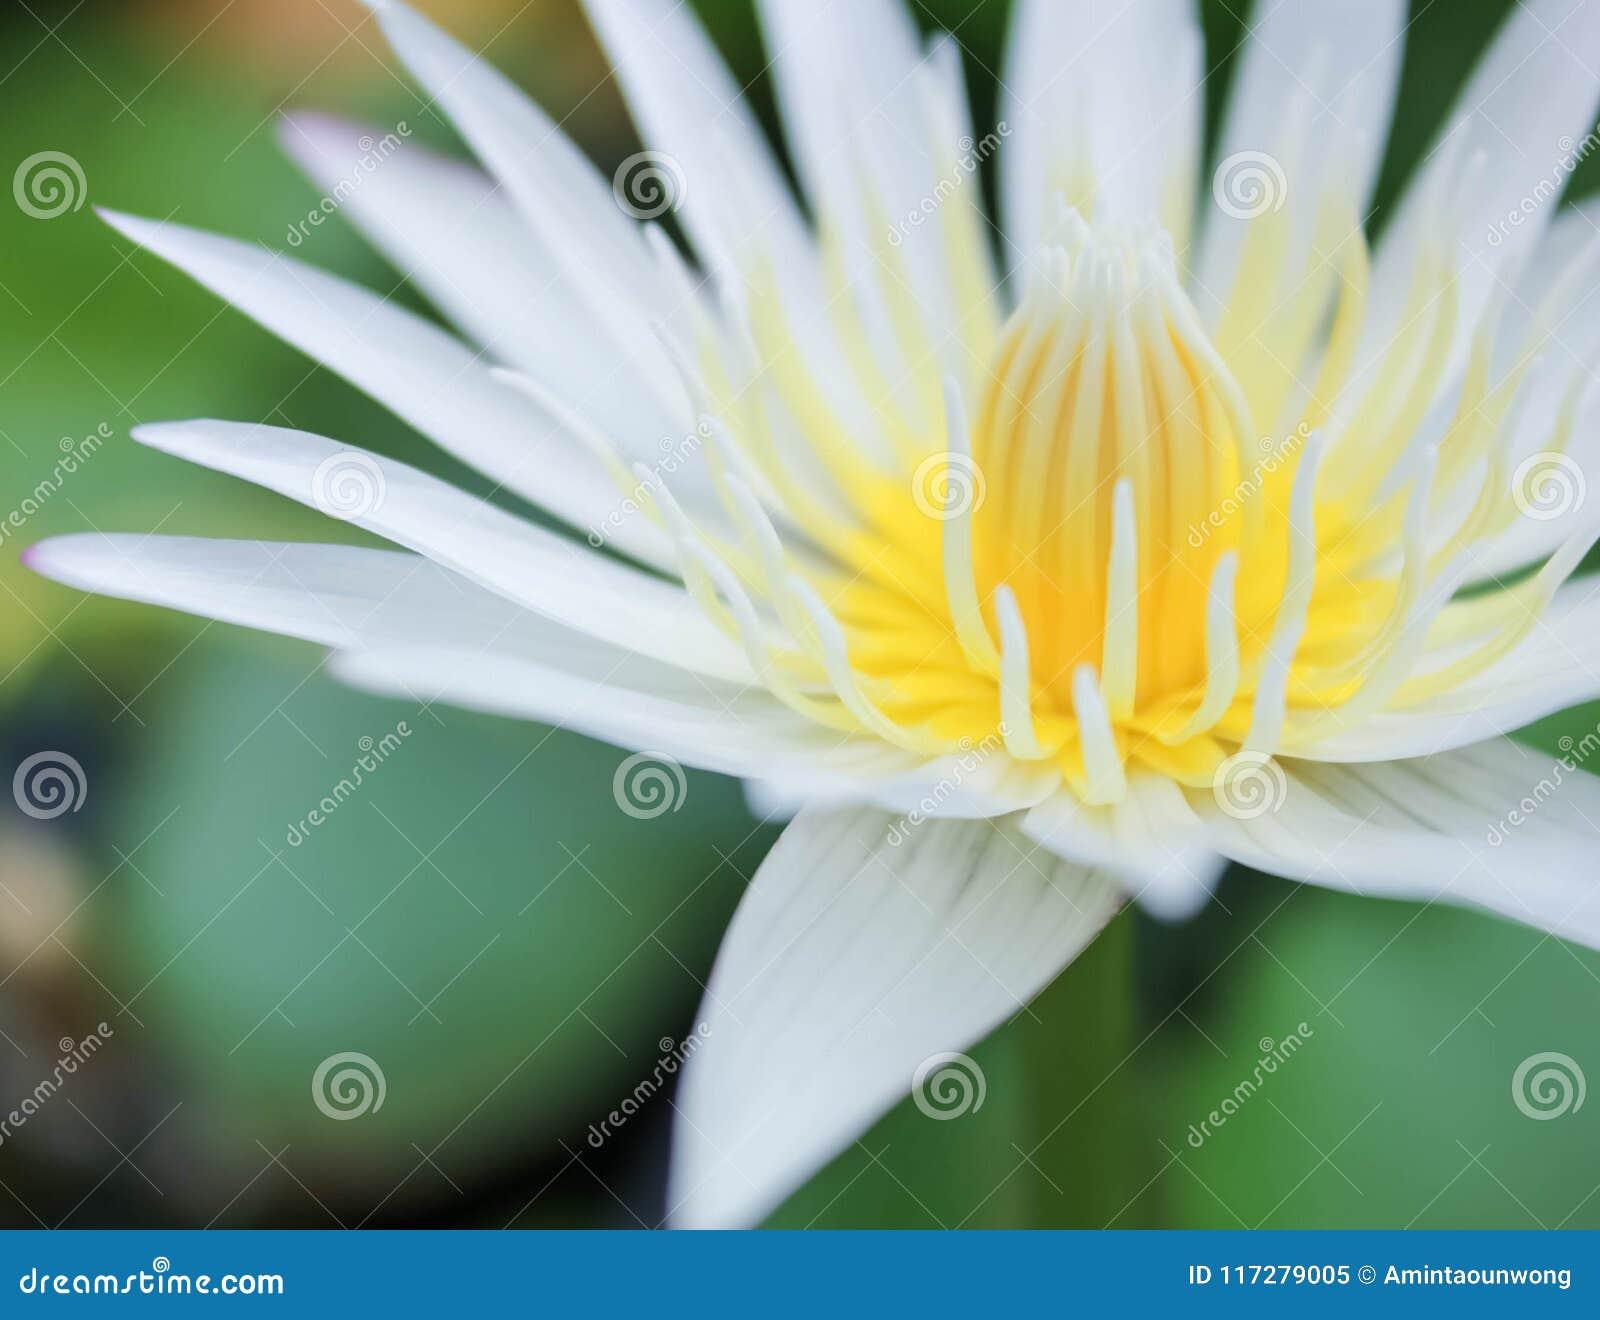 Fermez-vous vers le haut de la fleur ou du nénuphar de lotus blanc avec des feuilles de vert sur l eau